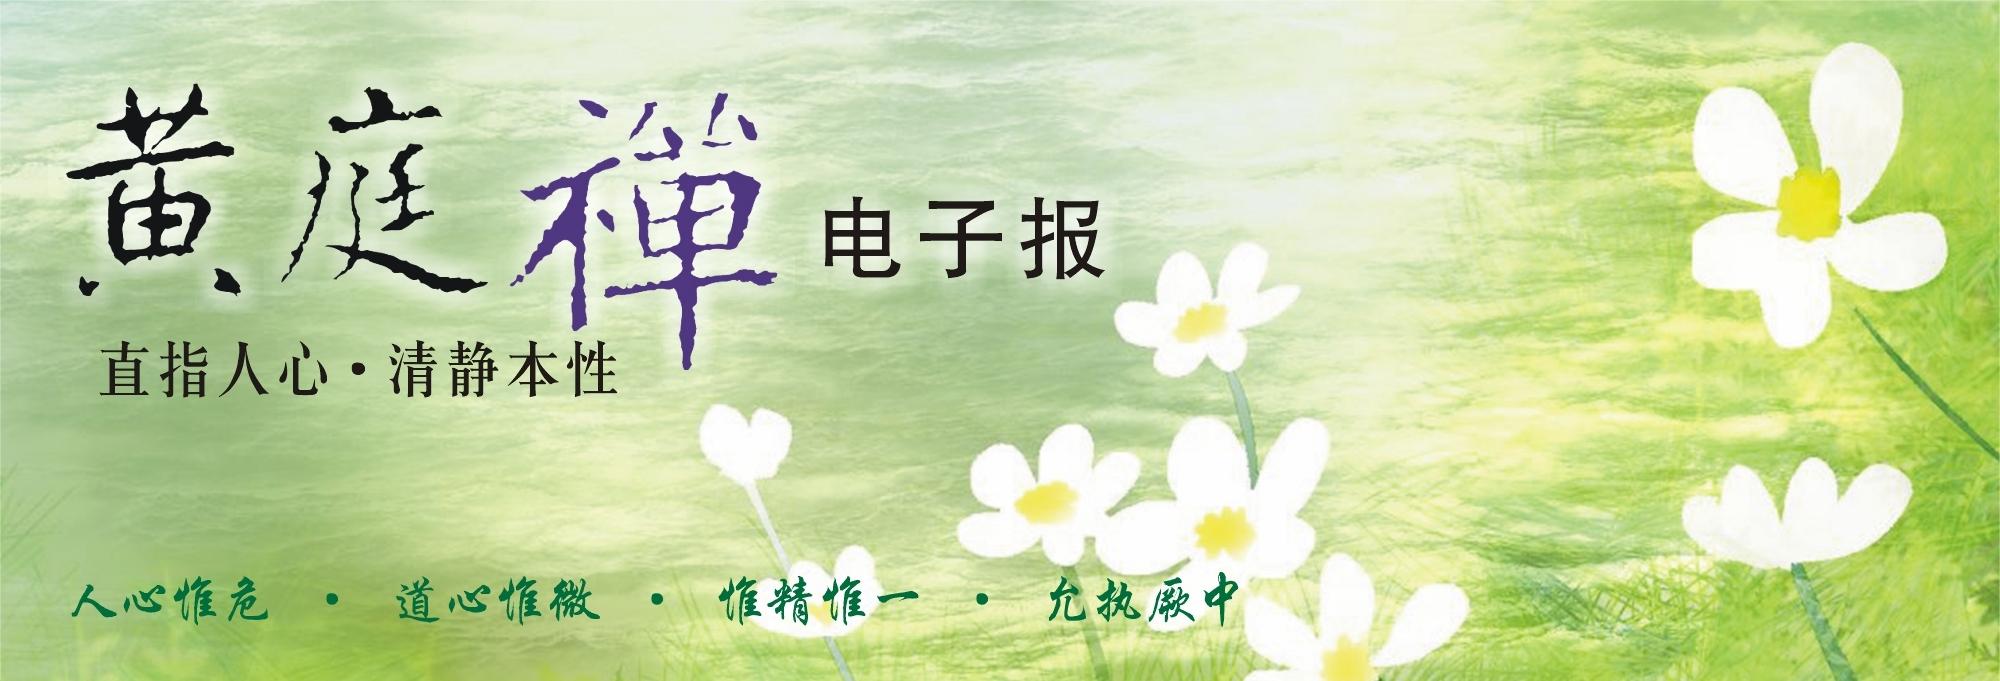 中华黄庭禅学会2016.04.21电子报